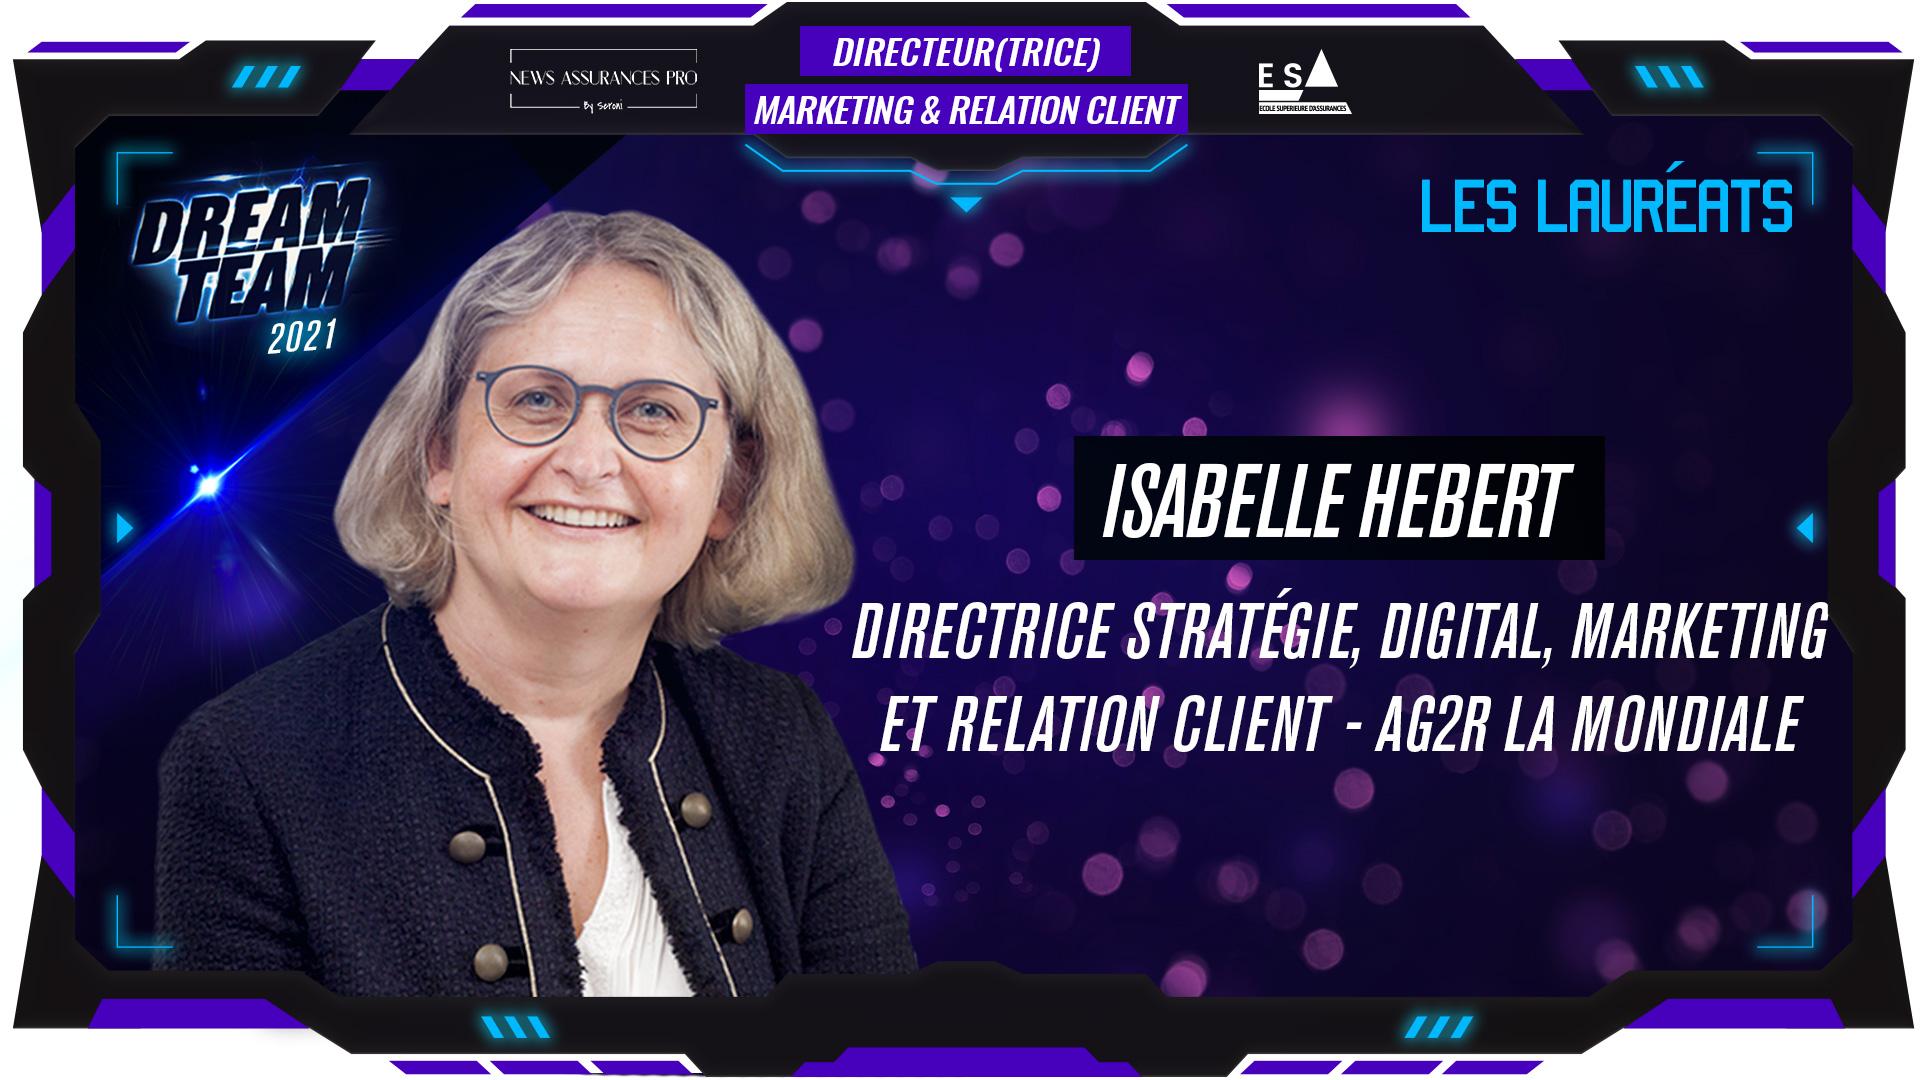 Isabelle hébert au poste de Directrice Marketing et Relation Client